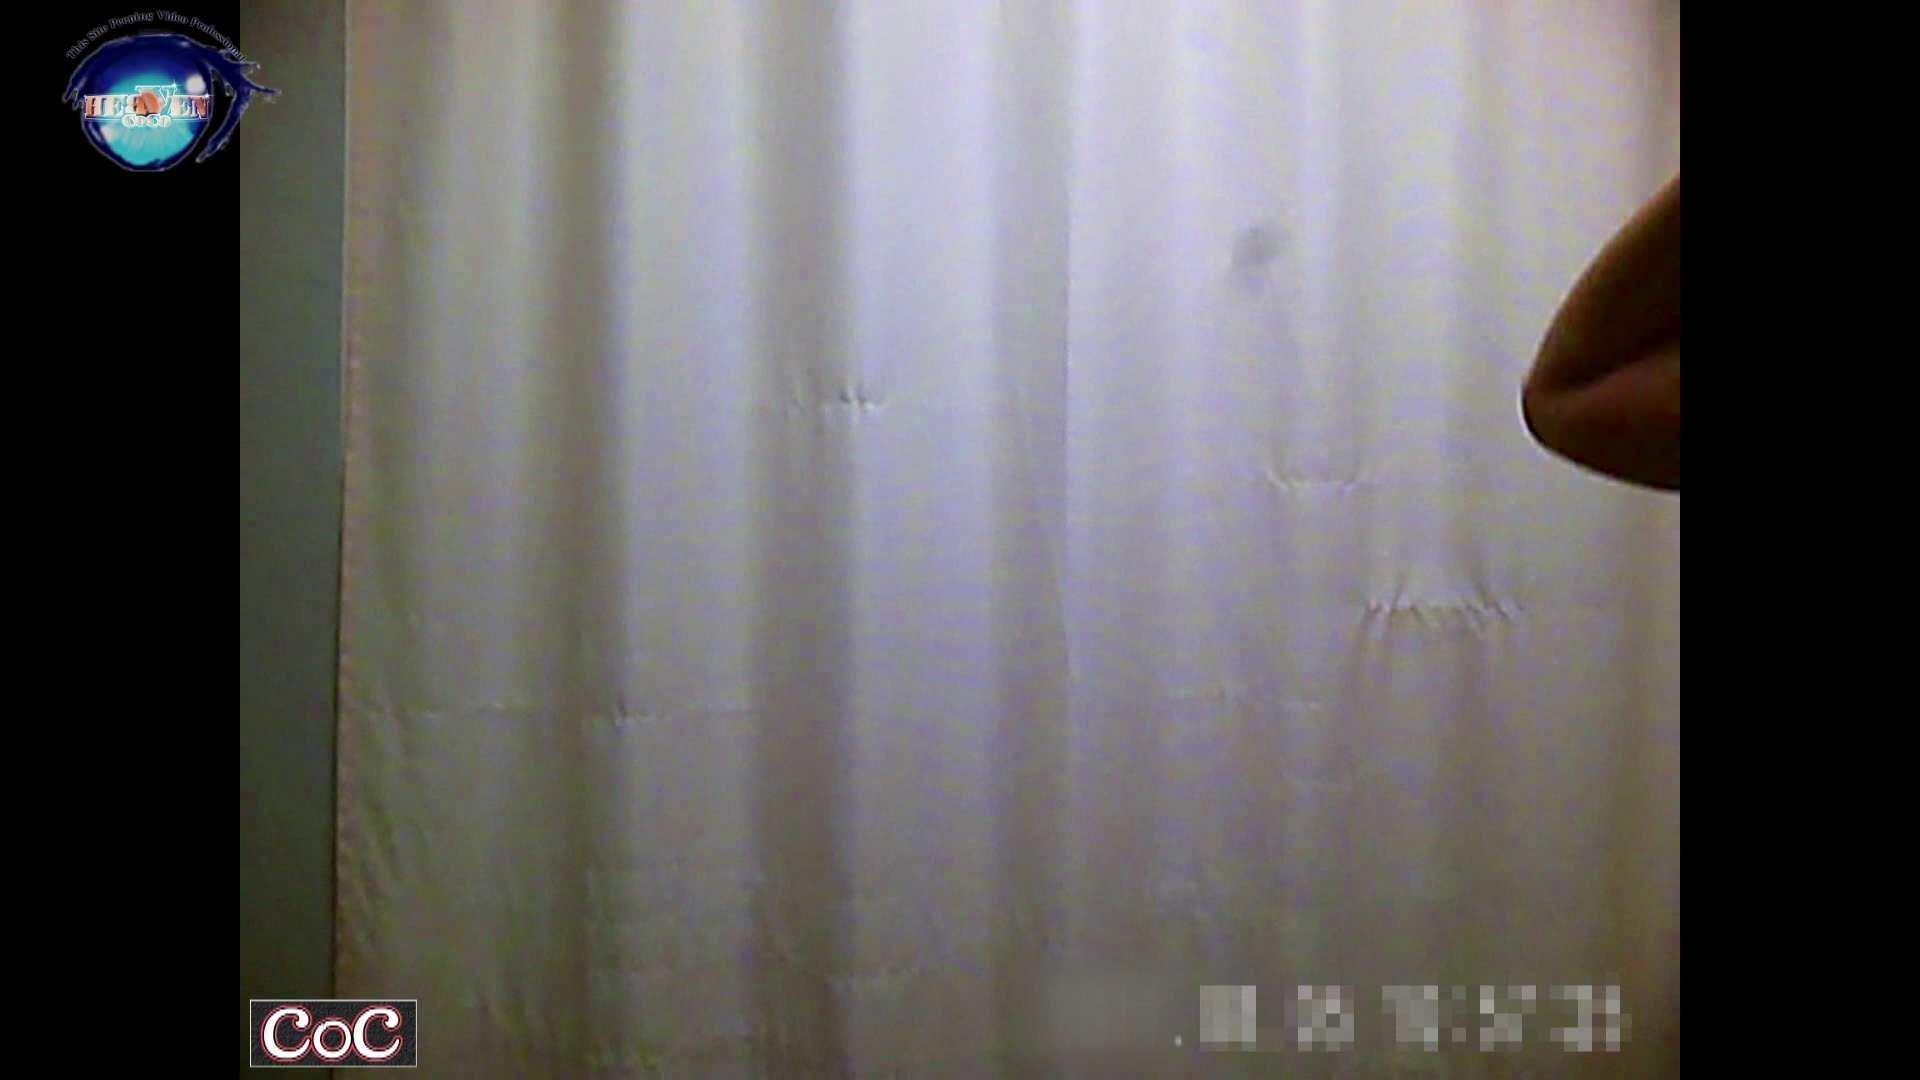 激ヤバ健康診断!着替えの一部始終.vol.11 ※本編ボカシ・目線無し ギャルのエロ動画 スケベ動画紹介 107PIX 63